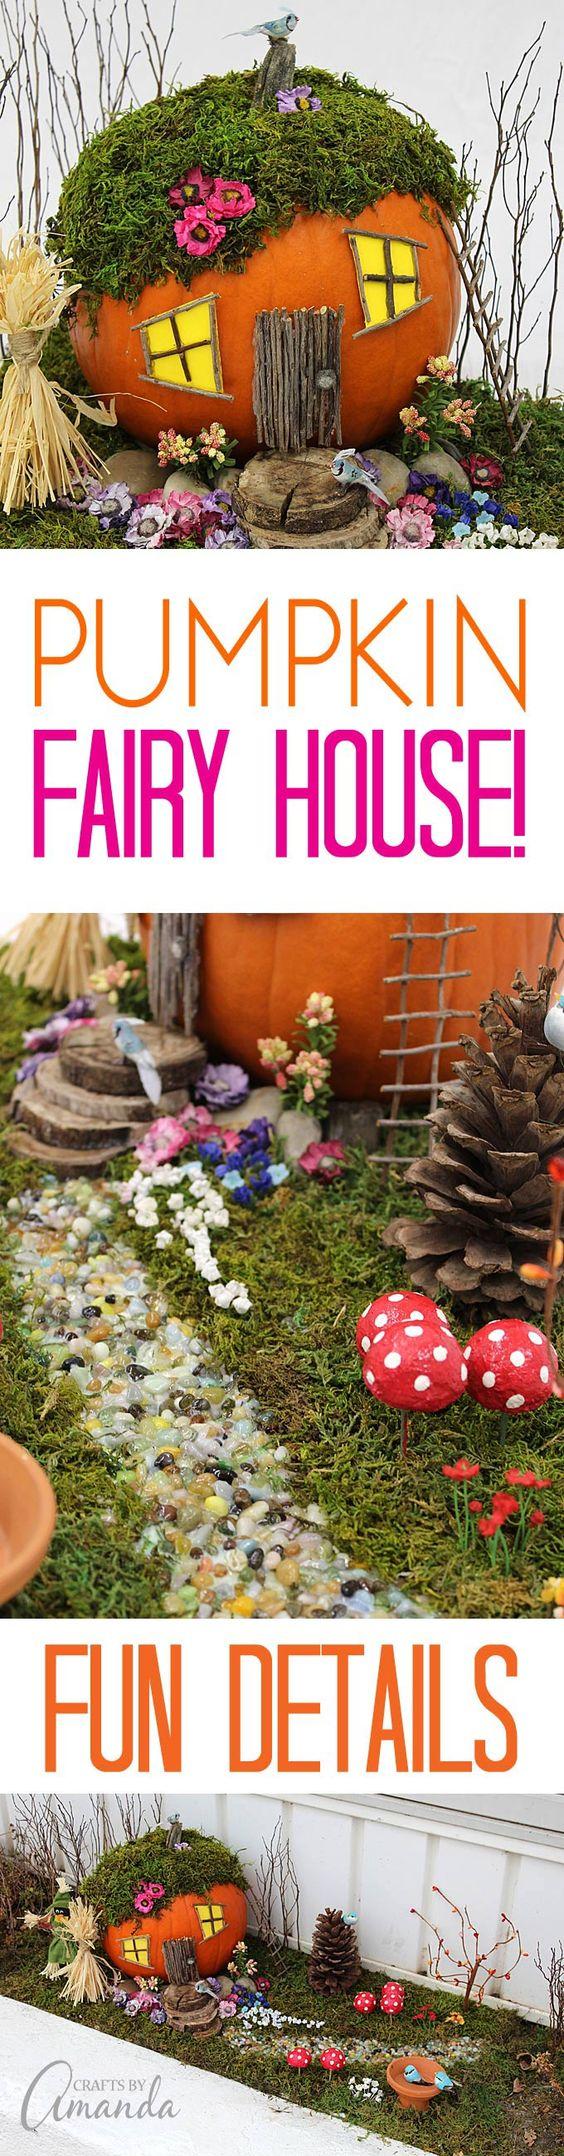 """Jardin miniature féerique avec une maison """"citrouille"""" créé avec des éléments naturels tels que brindilles, bois, mousse sèche et des fleurs en tissu... - explications et visuels"""